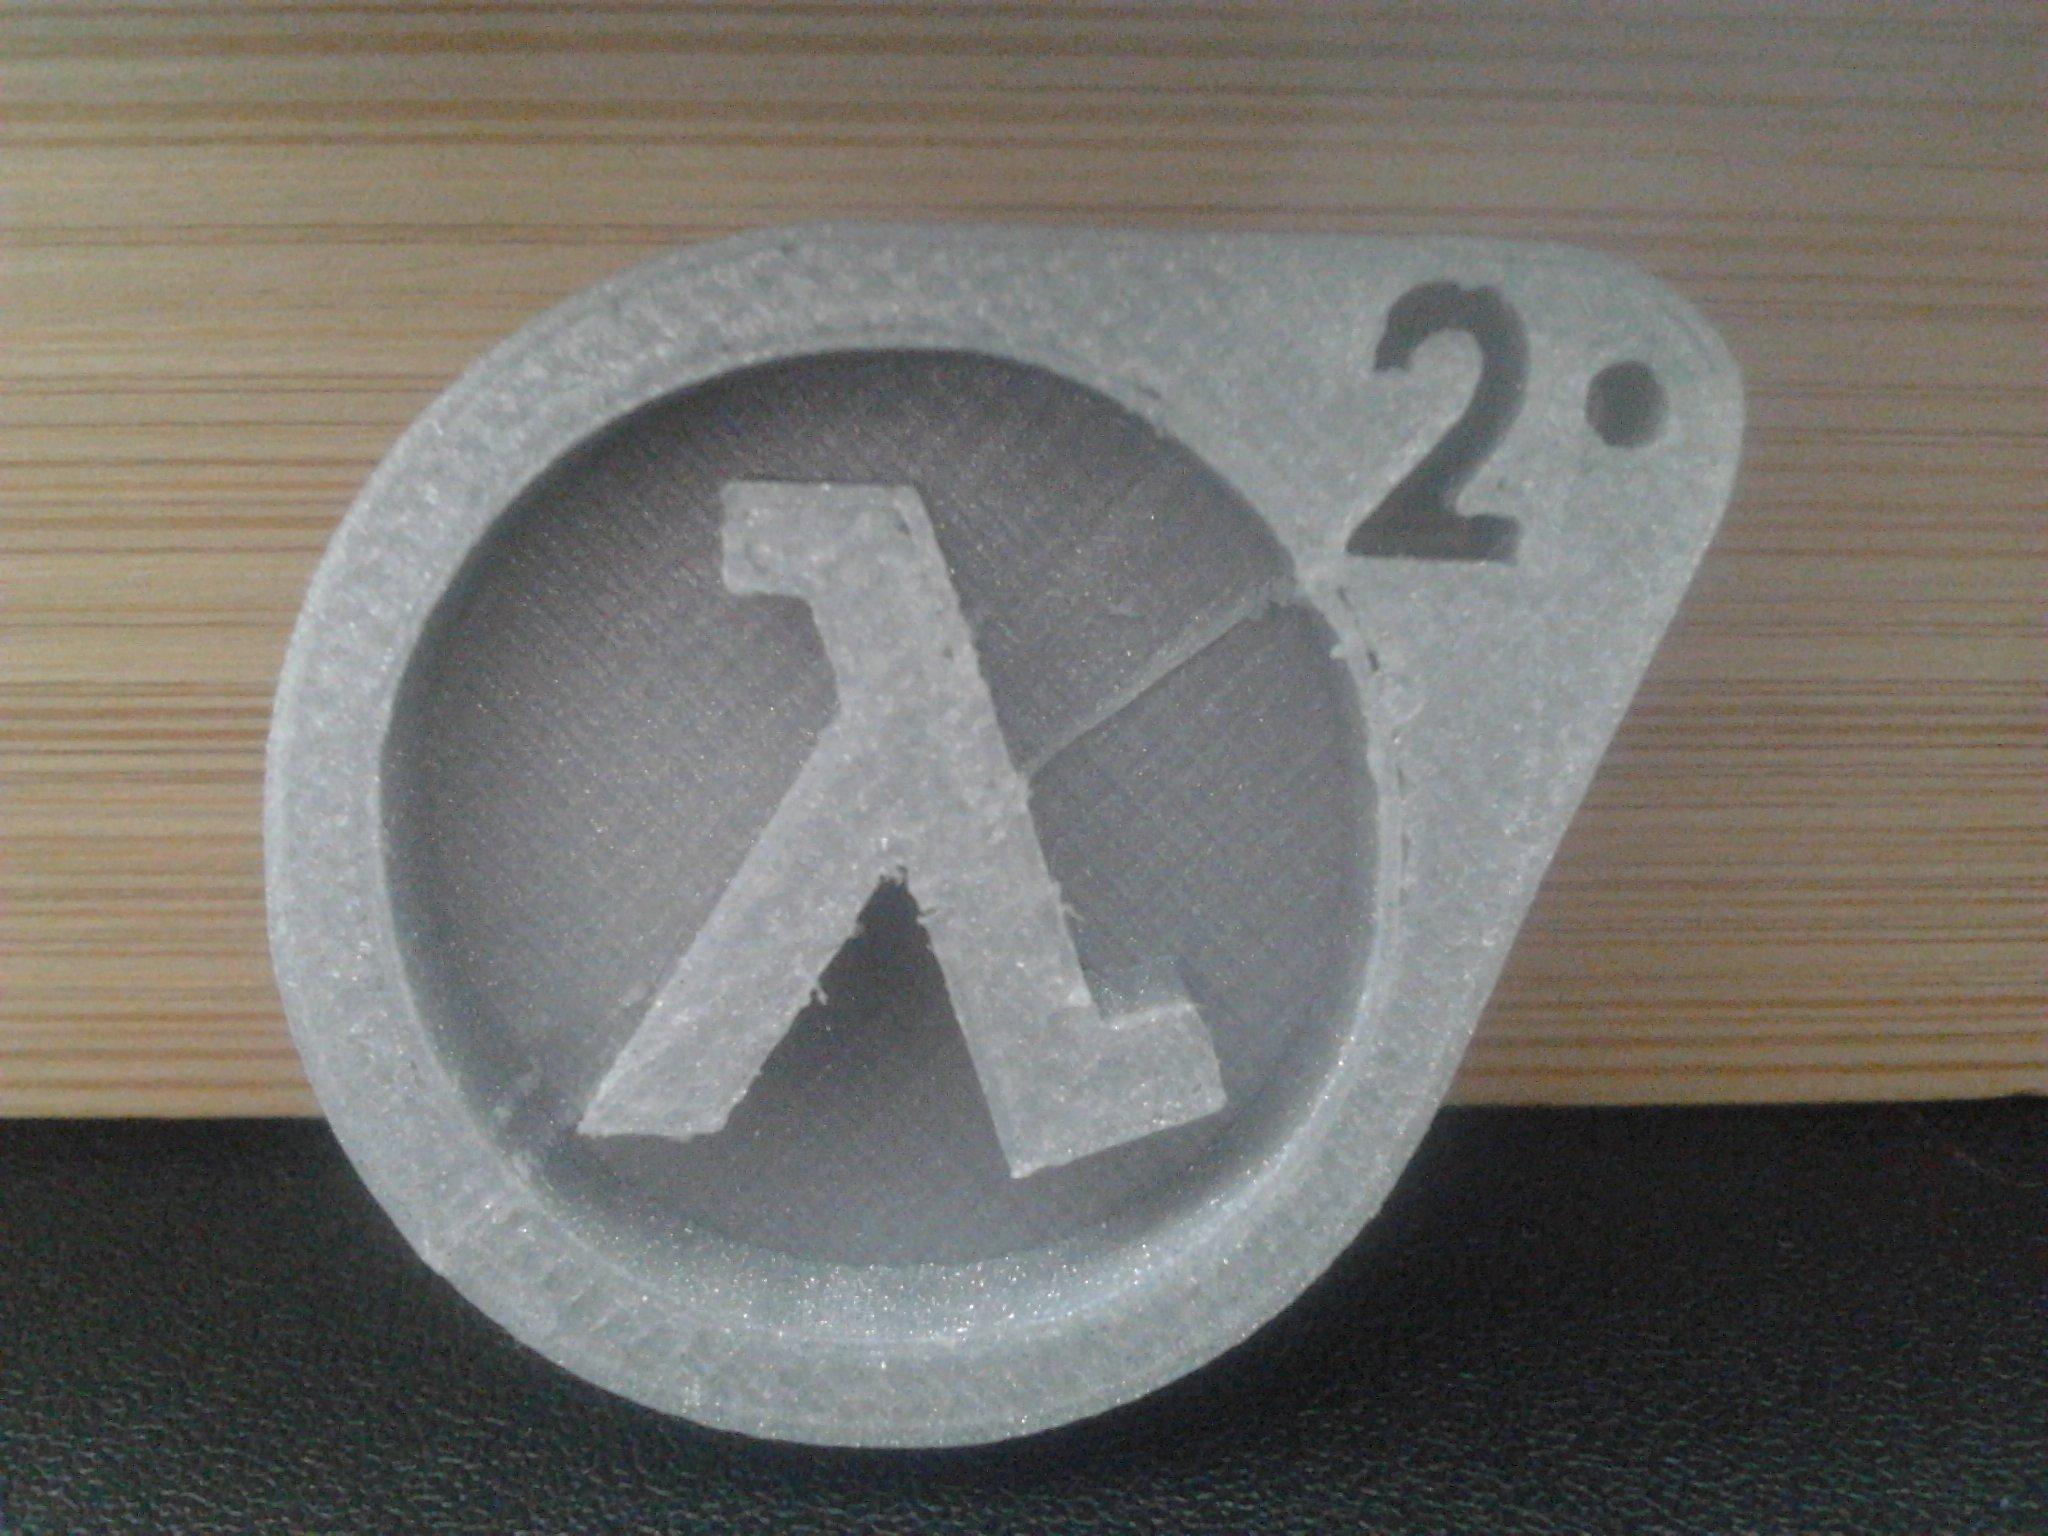 Покрашенная ДОТА, ну и для разнообразия распечатанный значок ХЛ2 - Изображение 1